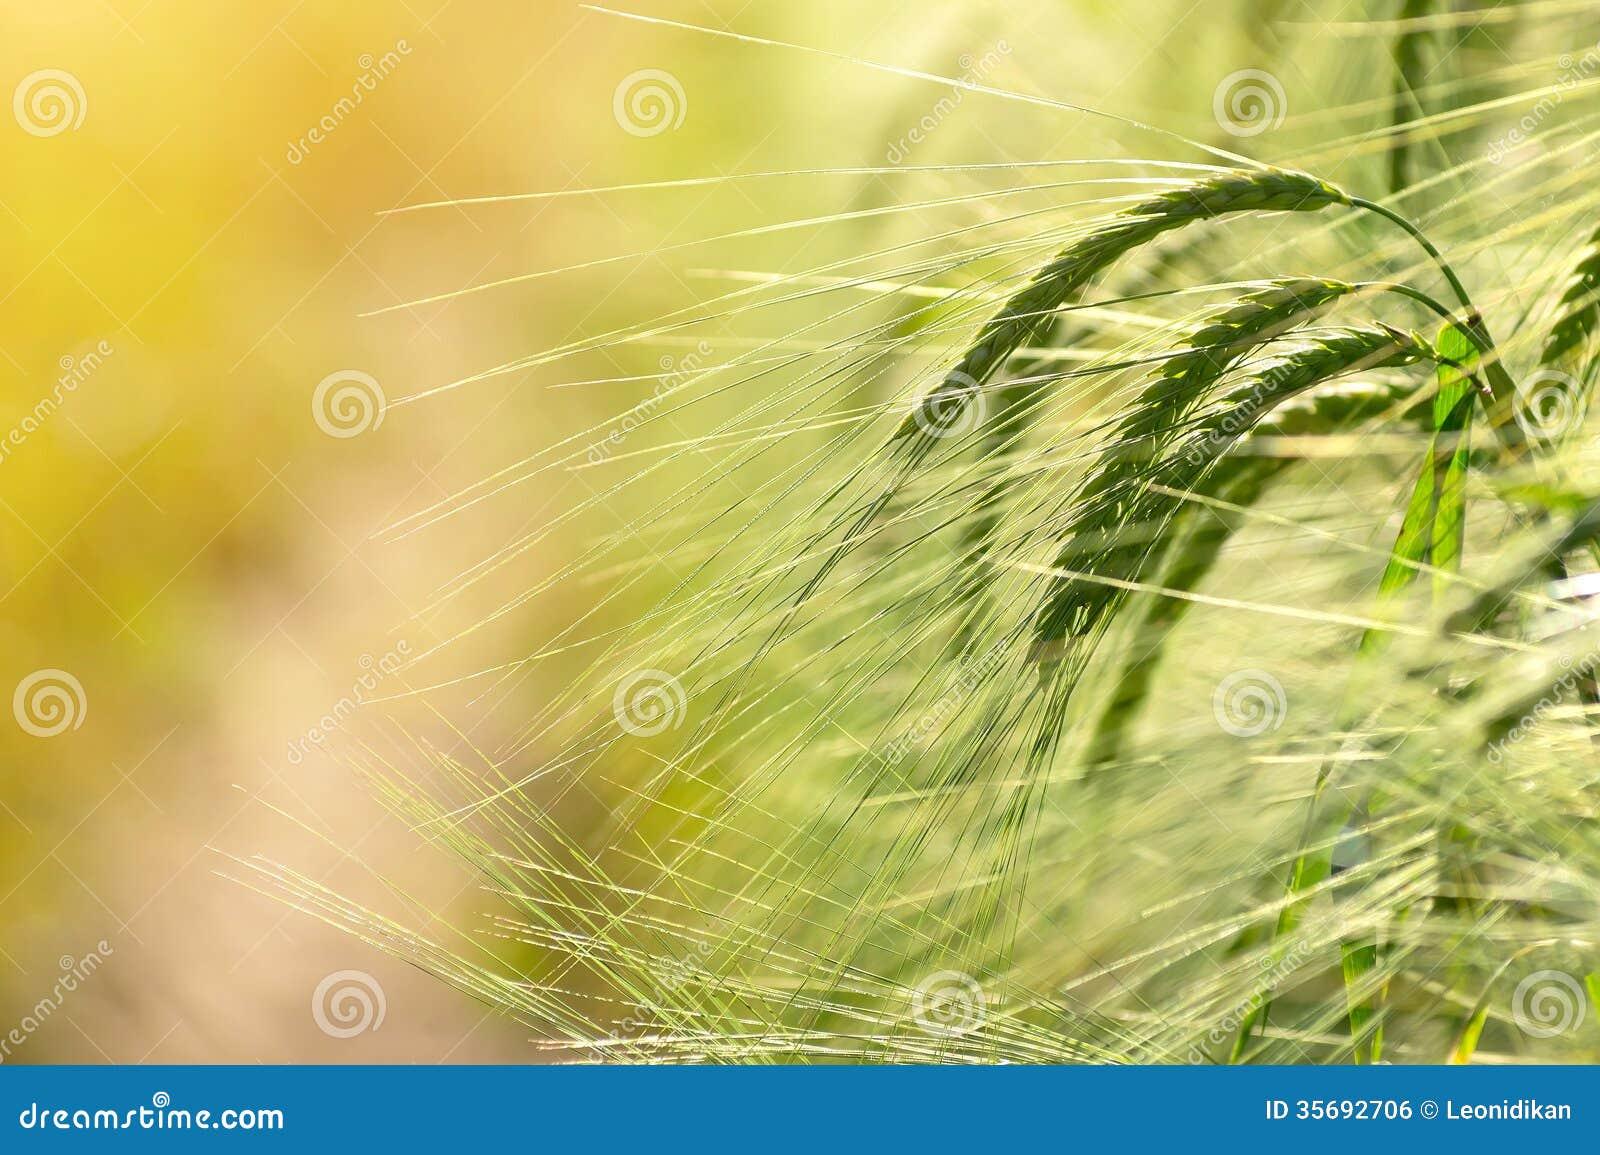 Barley the road